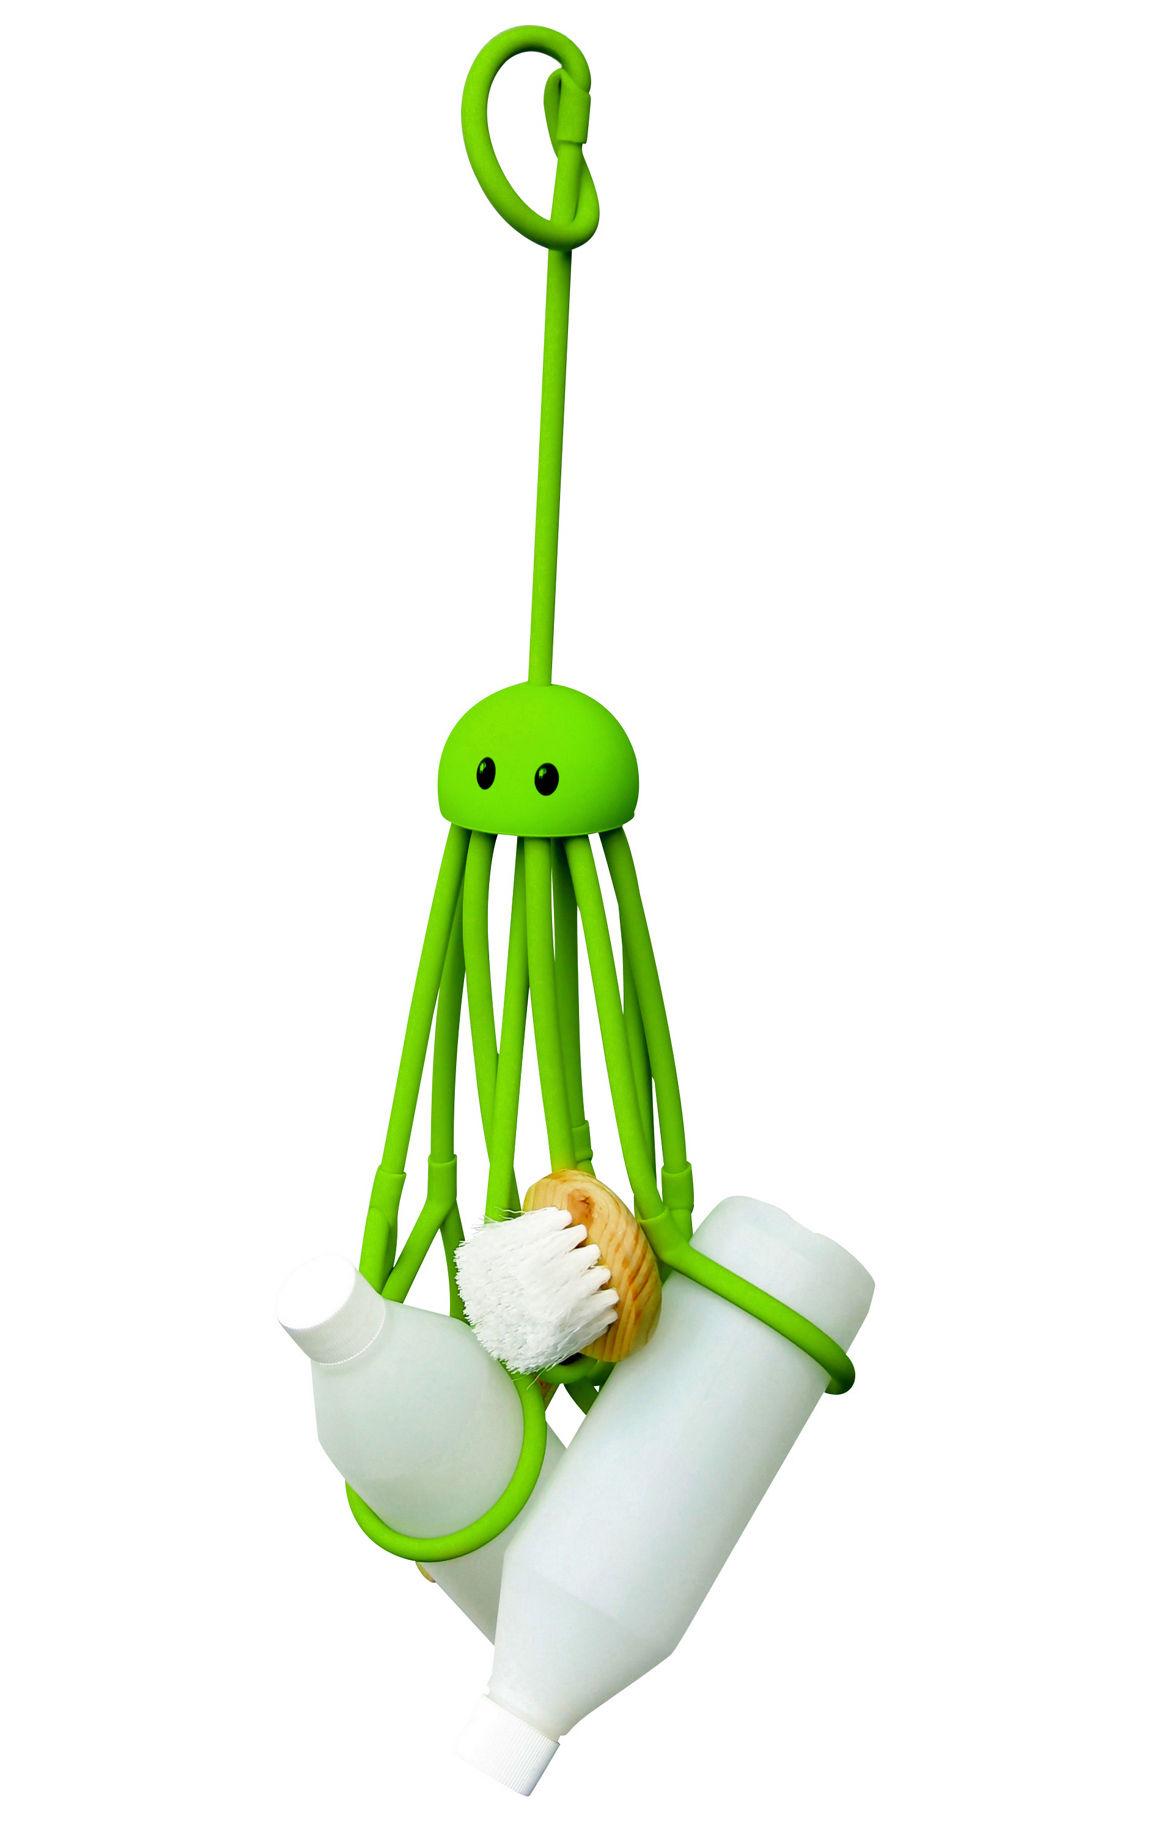 Portaoggetti Octopus - Piovra per doccia di Pa Design Verde anice  eBay